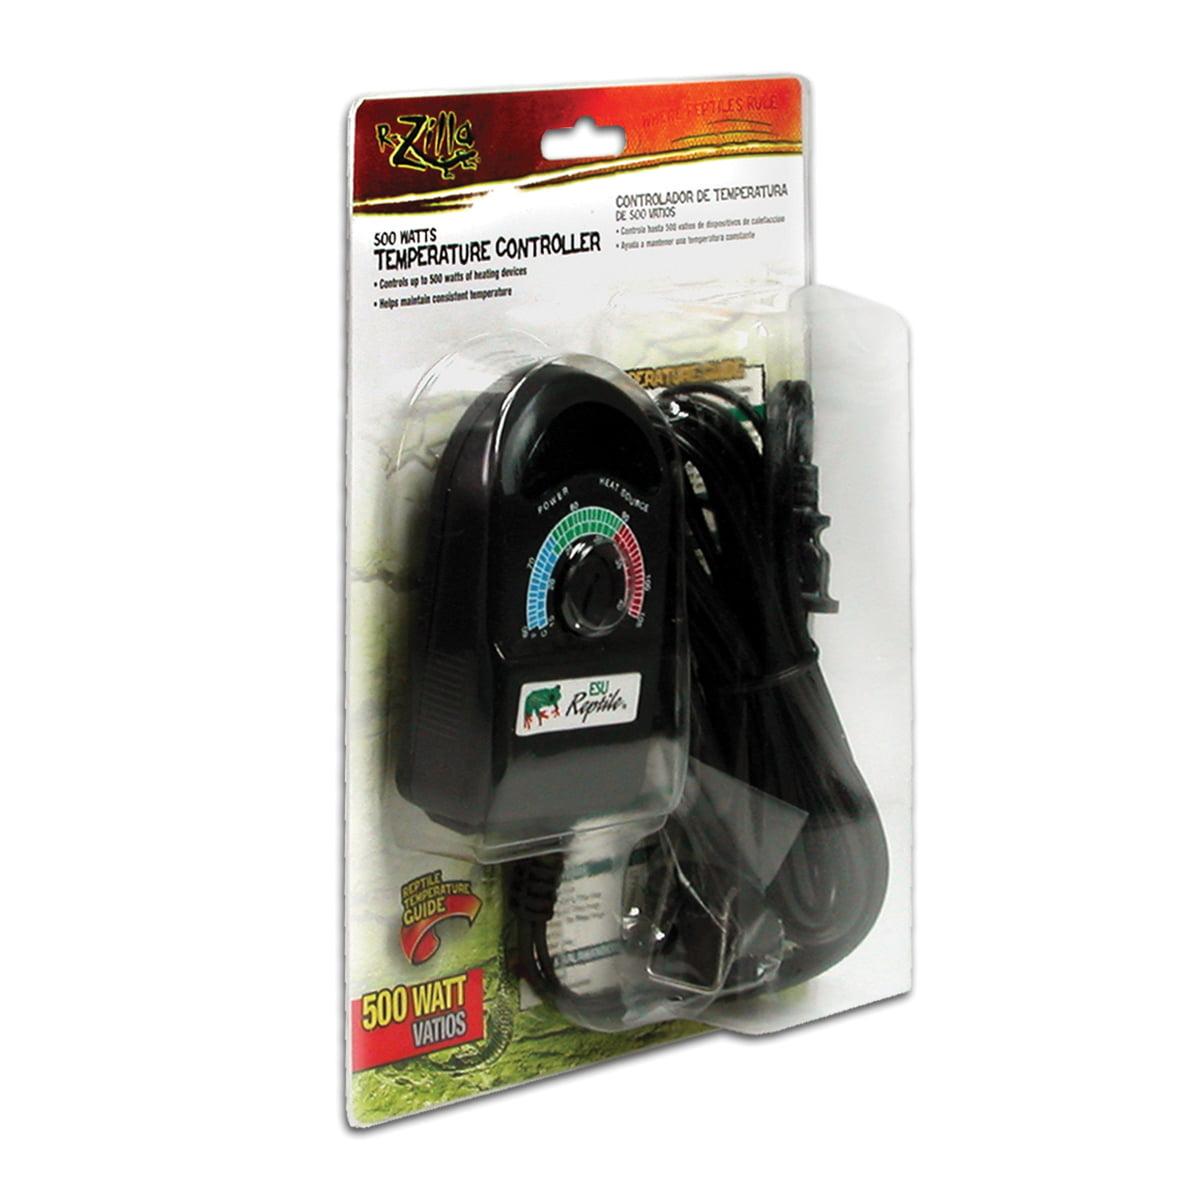 Zilla Temperature Controller for Reptile Terrariums, 1000W